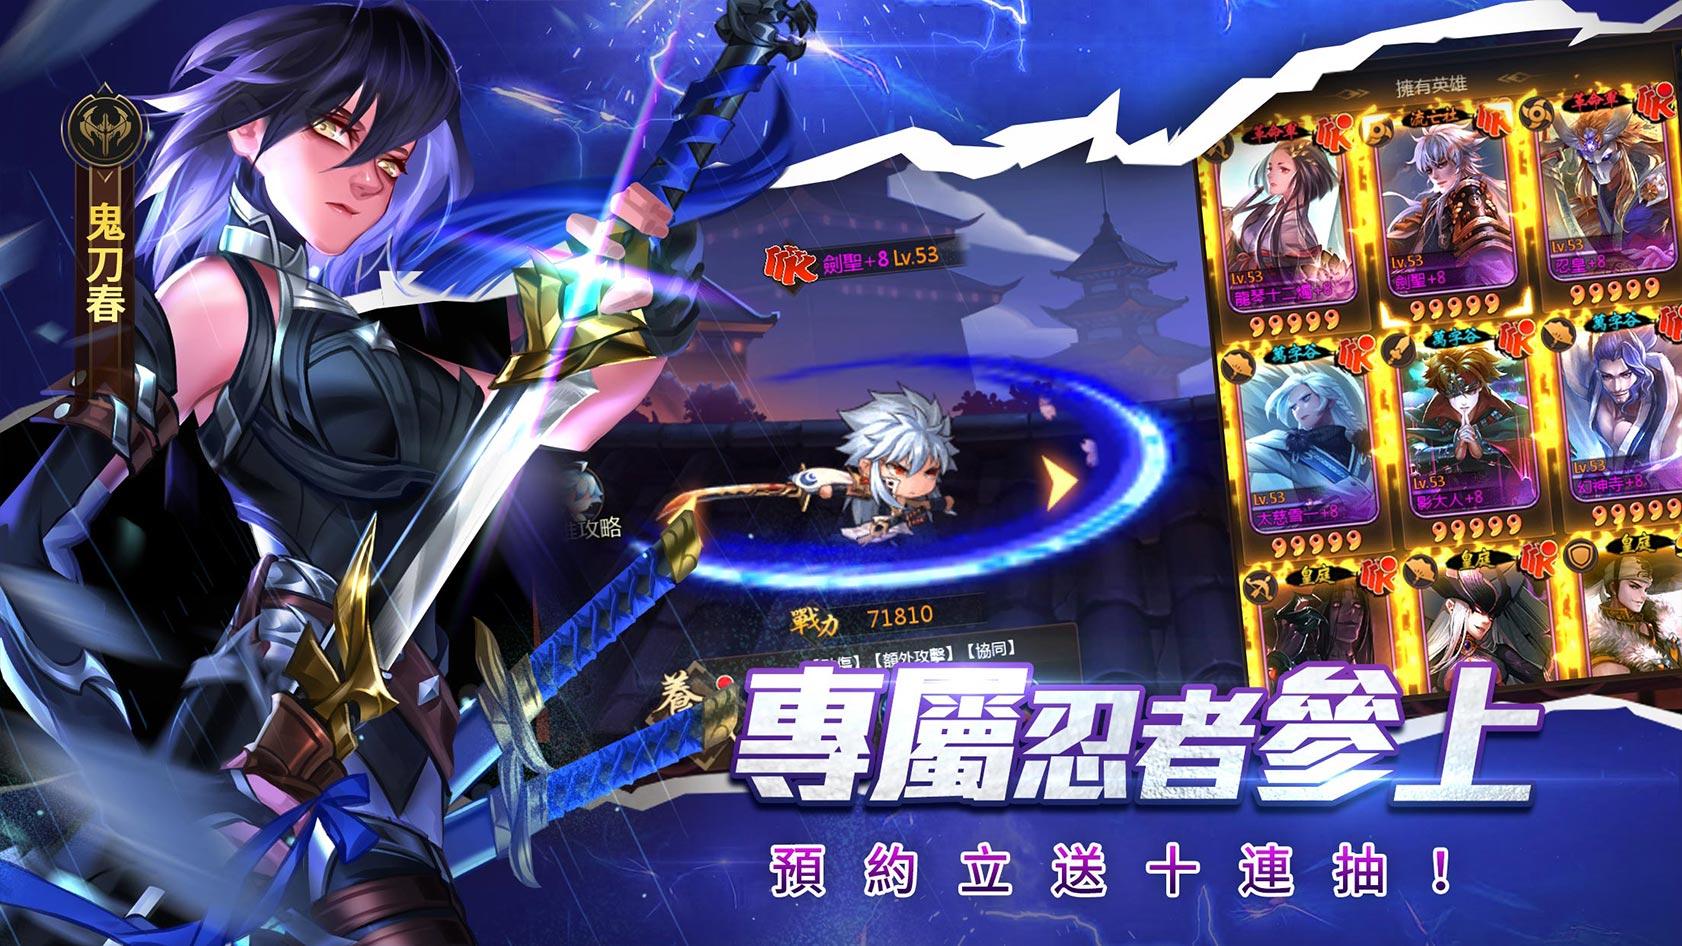 RPG手遊《忍者契約》9月10日雙平台上線 同步釋出特色玩法、代言人遊戲體驗影片